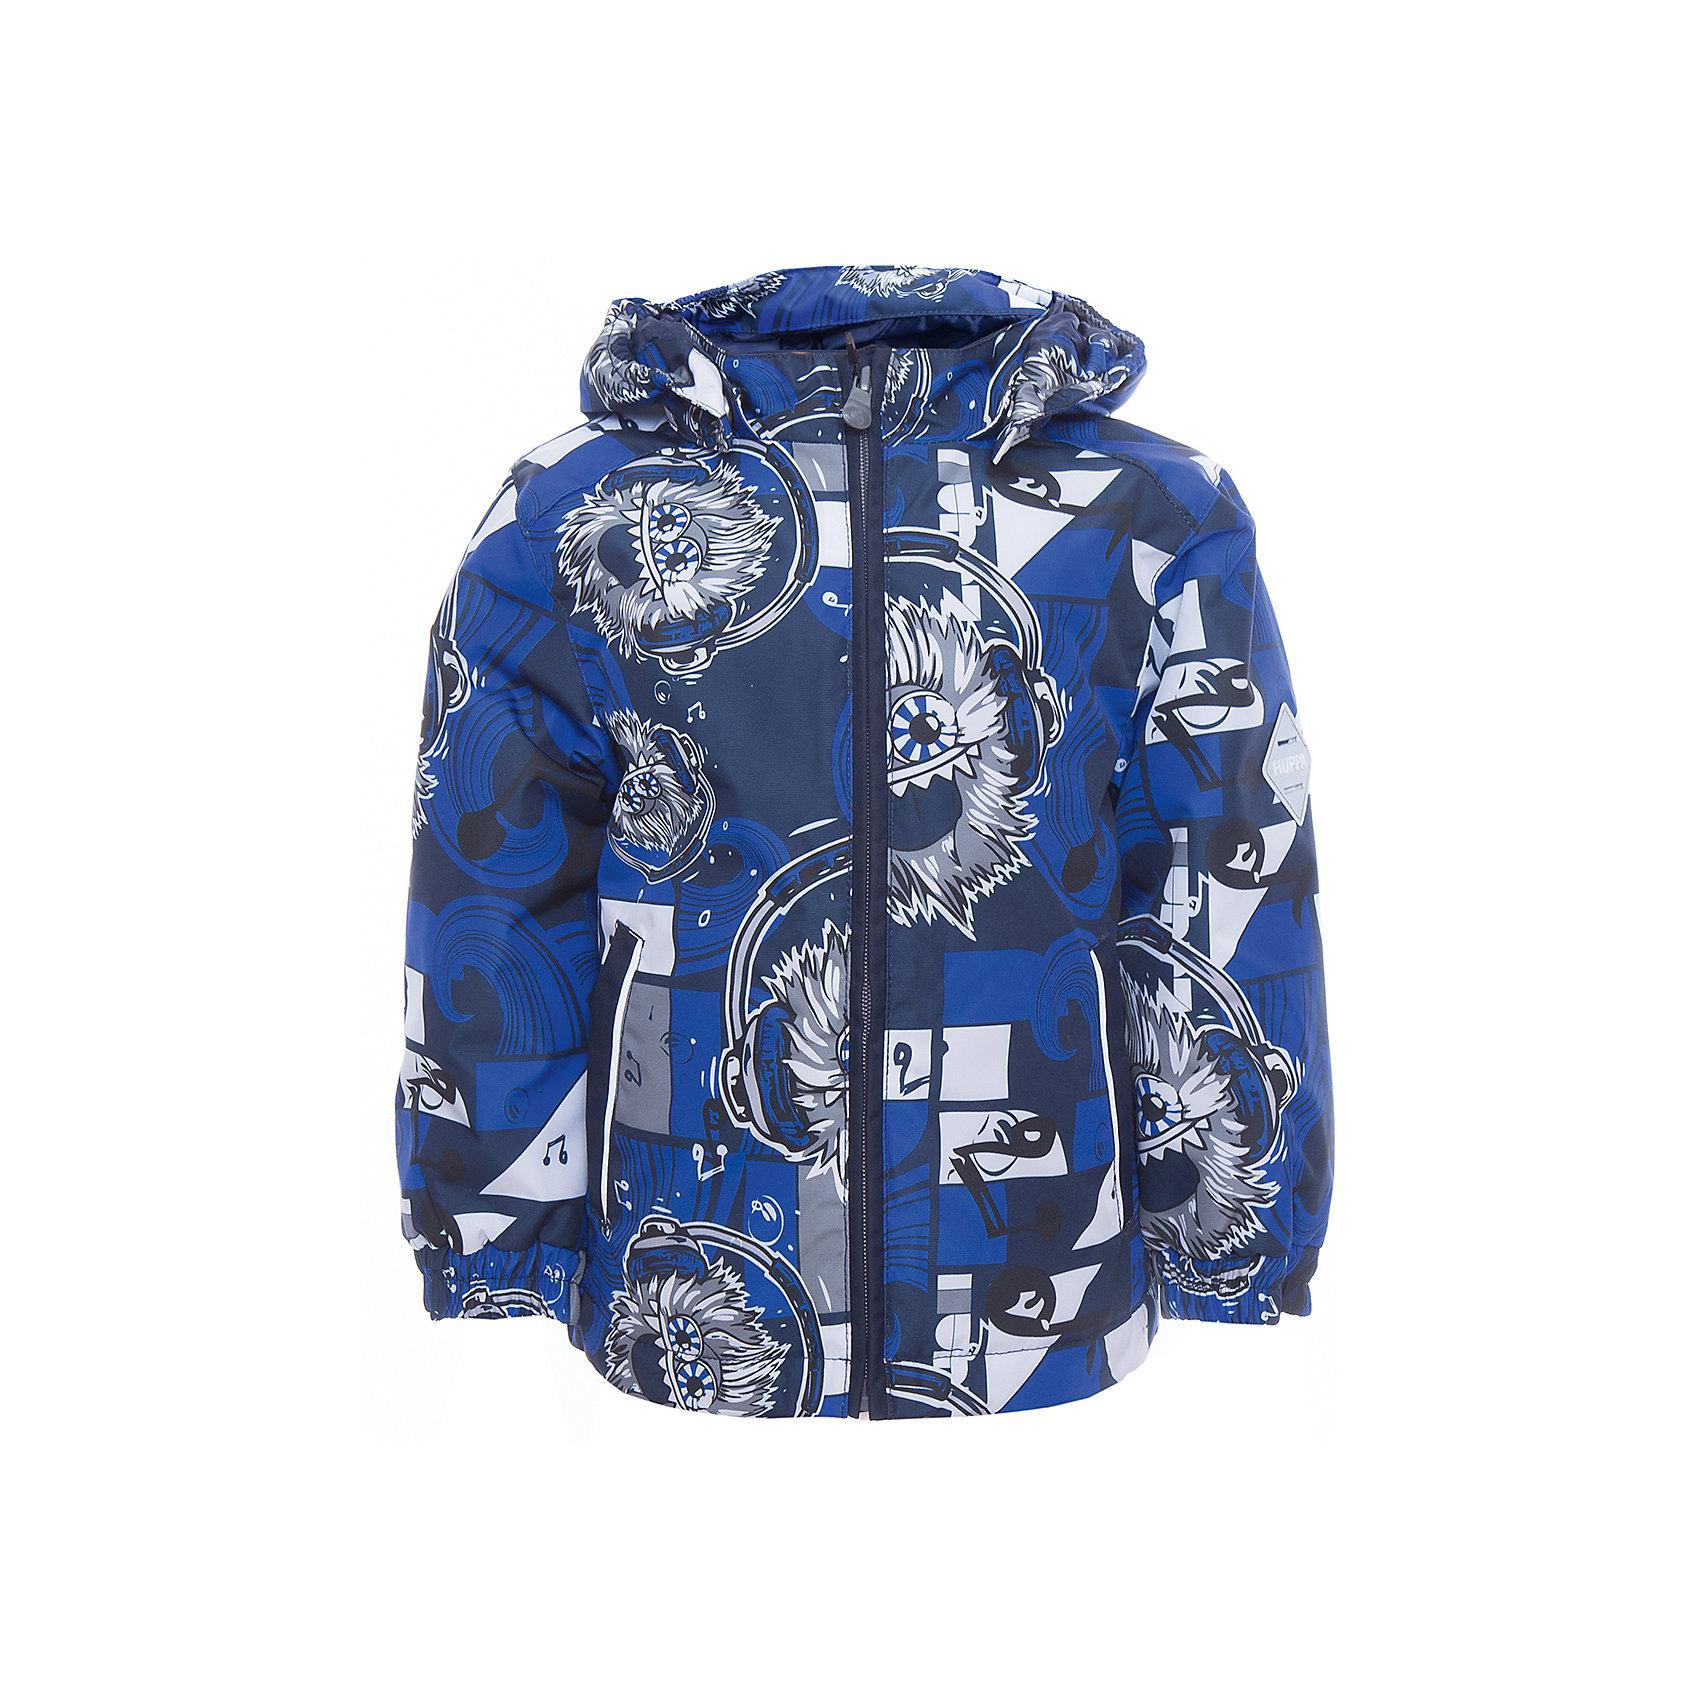 Куртка JODY для мальчика HuppaВерхняя одежда<br>Характеристики товара:<br><br>• цвет: тёмно-синий<br>• ткань: 100% полиэстер<br>• подкладка: тафта - 100% полиэстер<br>• утеплитель: 100% полиэстер 100 г<br>• температурный режим: от -5°С до +15°С<br>• водонепроницаемость: 10000 мм<br>• воздухопроницаемость: 10000 мм<br>• светоотражающие детали<br>• эластичные манжеты<br>• молния<br>• съёмный капюшон<br>• комфортная посадка<br>• коллекция: весна-лето 2017<br>• страна бренда: Эстония<br><br>Эта стильная куртка обеспечит детям тепло и комфорт. Она сделана из материала, отталкивающего воду, и дополнено подкладкой с утеплителем, поэтому изделие идеально подходит для межсезонья. Материал изделия - с мембранной технологией: защищая от влаги и ветра, он легко выводит лишнюю влагу наружу. Для удобства сделан капюшон. Куртка очень симпатично смотрится, яркая расцветка и крой добавляют ему оригинальности. Модель была разработана специально для детей.<br><br>Одежда и обувь от популярного эстонского бренда Huppa - отличный вариант одеть ребенка можно и комфортно. Вещи, выпускаемые компанией, качественные, продуманные и очень удобные. Для производства изделий используются только безопасные для детей материалы. Продукция от Huppa порадует и детей, и их родителей!<br><br>Куртку JODY от бренда Huppa (Хуппа) можно купить в нашем интернет-магазине.<br><br>Ширина мм: 356<br>Глубина мм: 10<br>Высота мм: 245<br>Вес г: 519<br>Цвет: синий<br>Возраст от месяцев: 18<br>Возраст до месяцев: 24<br>Пол: Мужской<br>Возраст: Детский<br>Размер: 92,152,98,104,110,116,122,128,134,140,146<br>SKU: 5347009